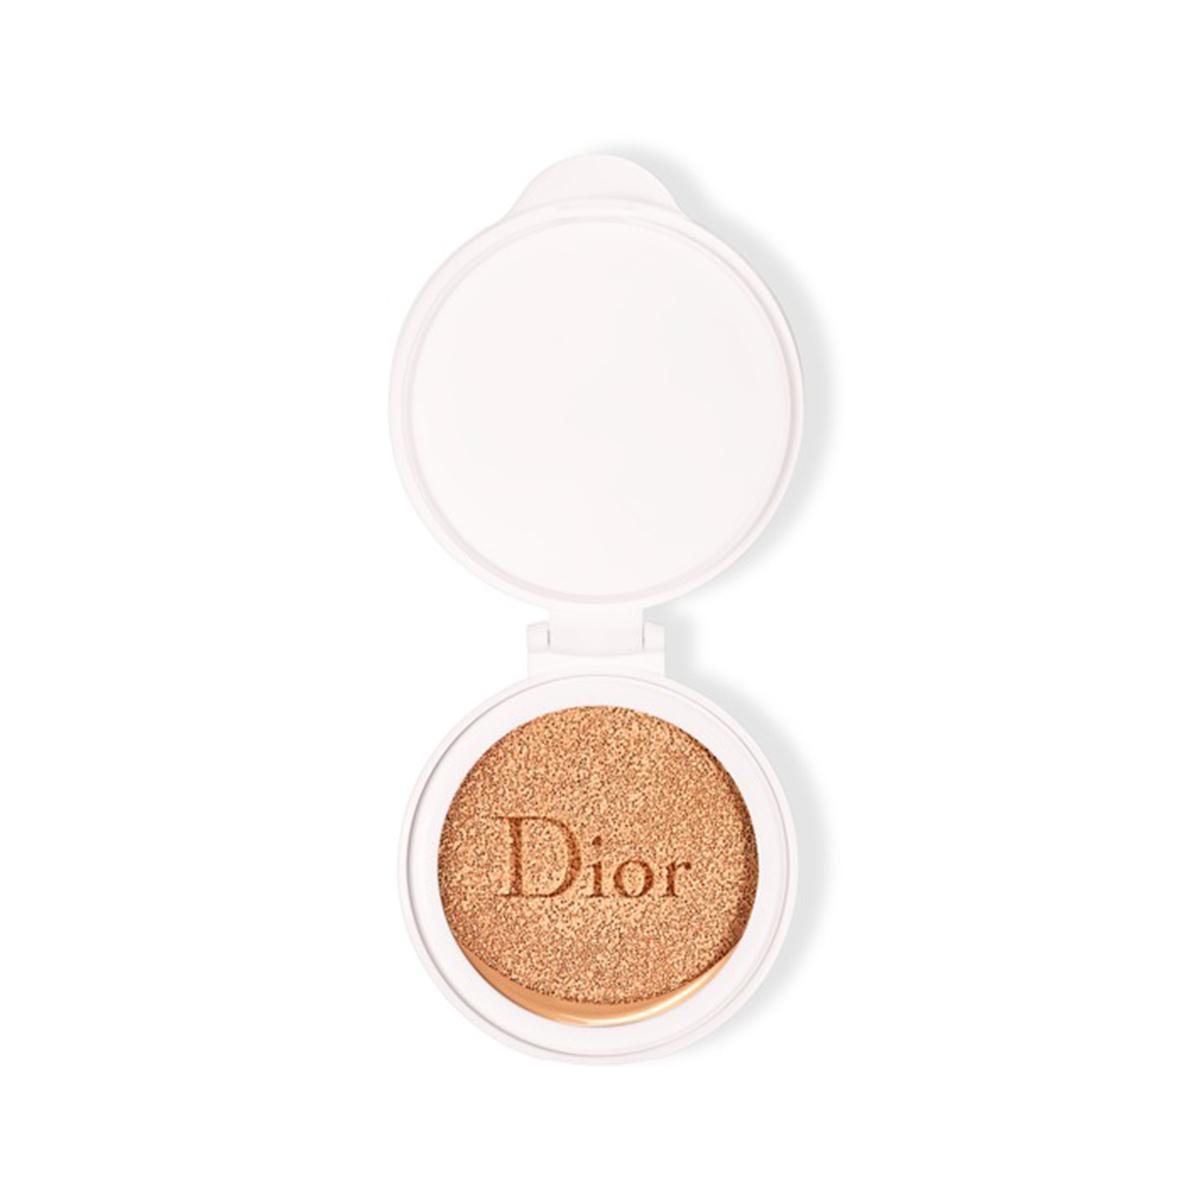 Dior capture dreamskin moist perfect cushion refill 025 15g